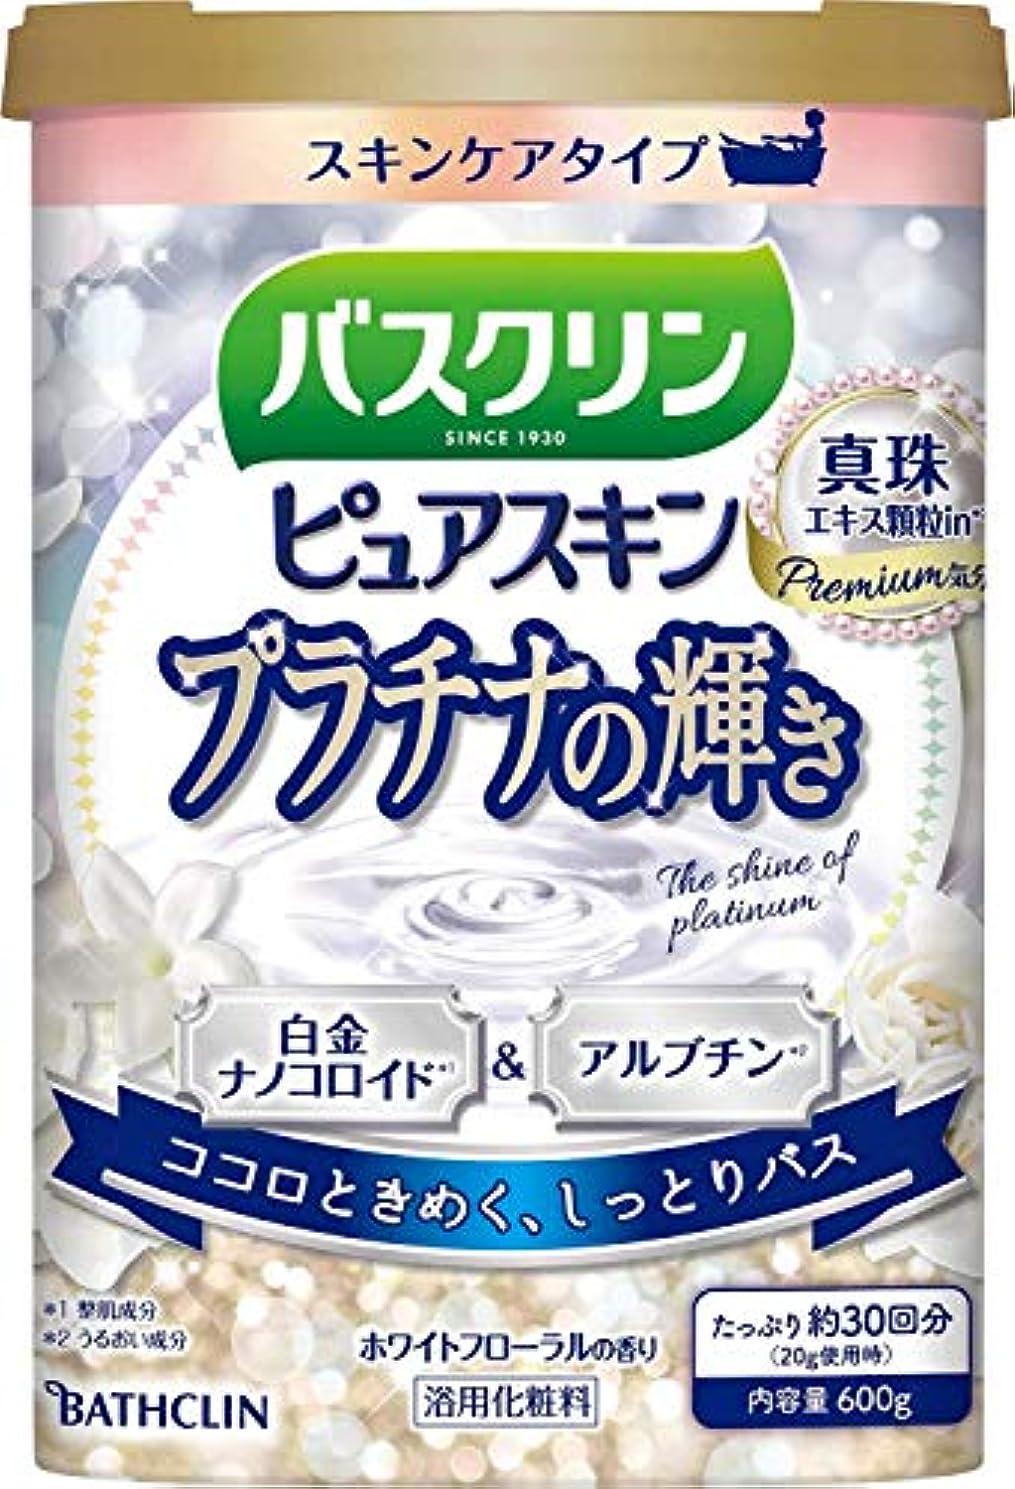 キー特定のカブバスクリンピュアスキンプラチナの輝き600g入浴剤(約30回分)